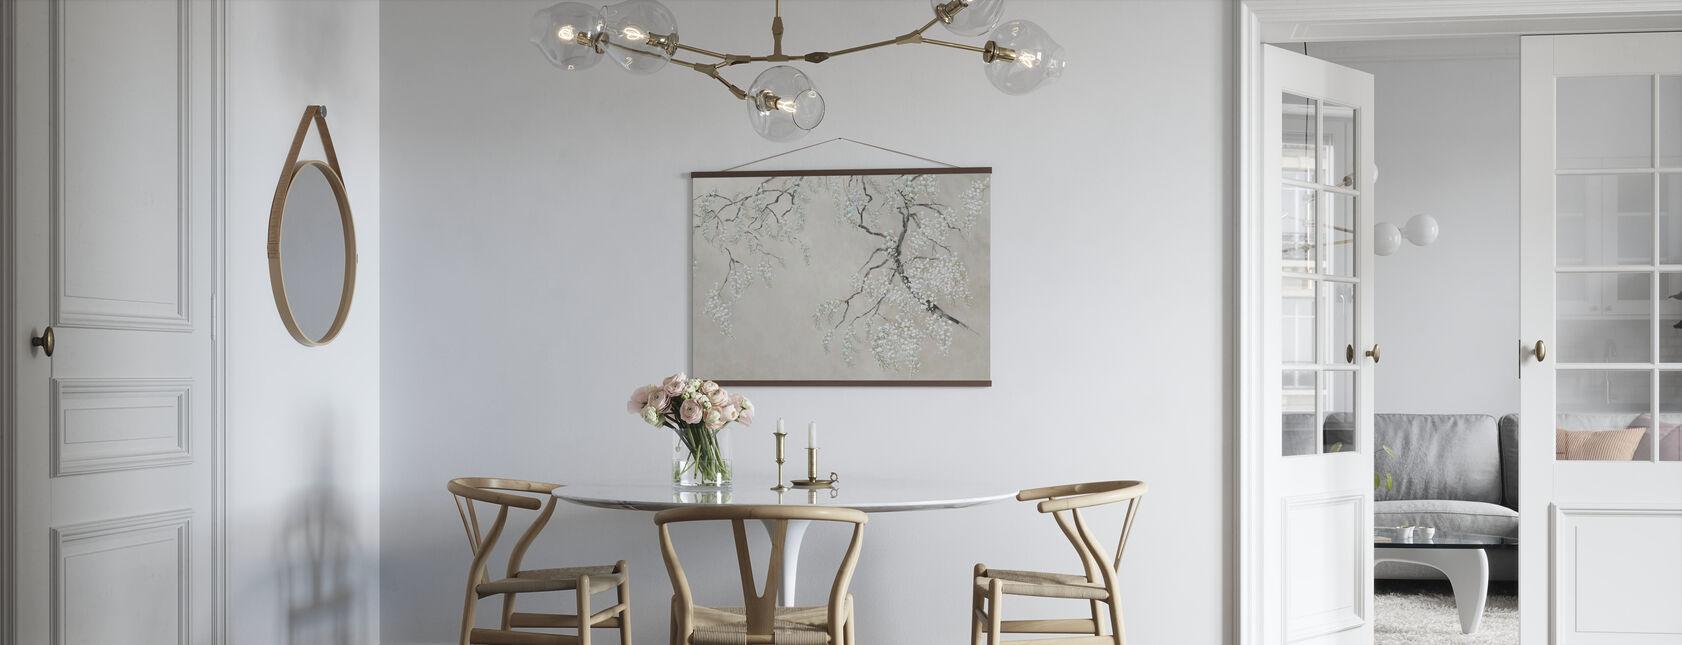 Blossom Wisteria - Poster - Kitchen